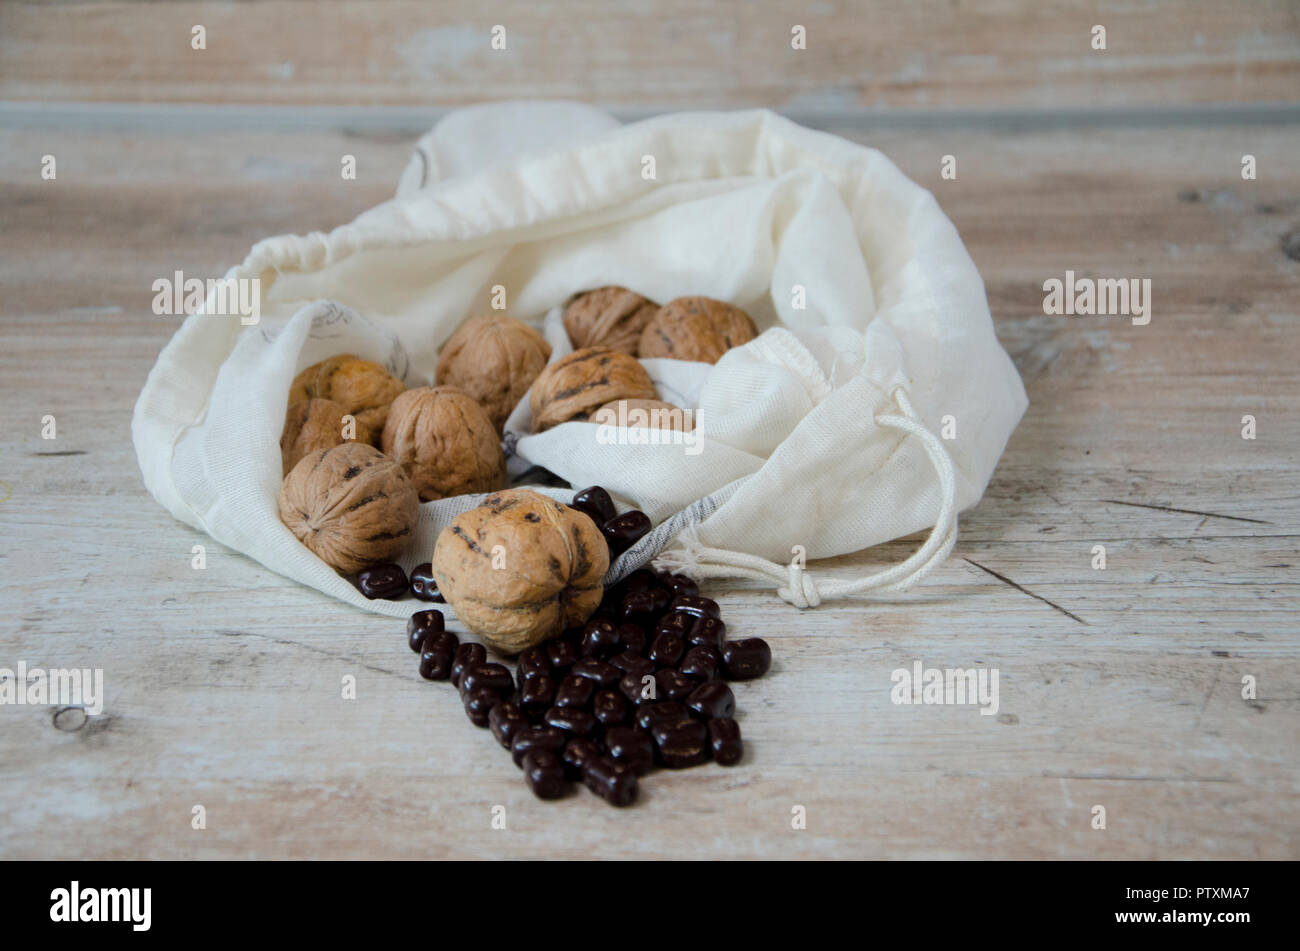 Las nueces en una bolsa con granos de chocolate sobre una mesa de cocina de madera Imagen De Stock